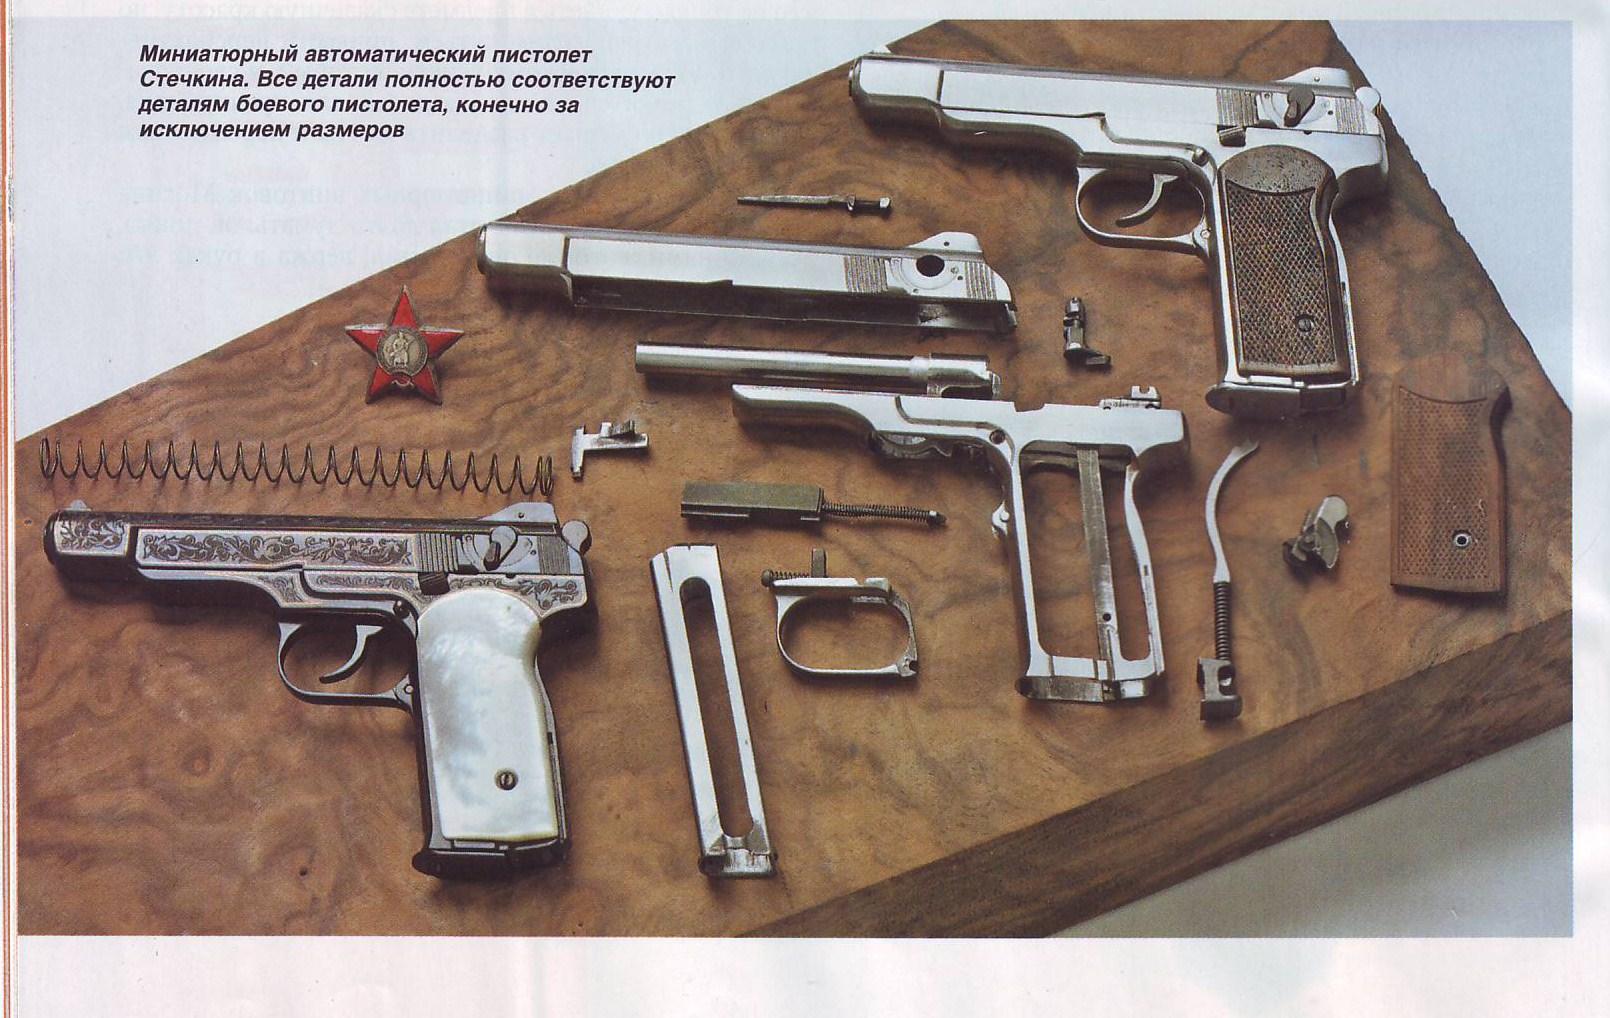 Пистолет токарева сегодня